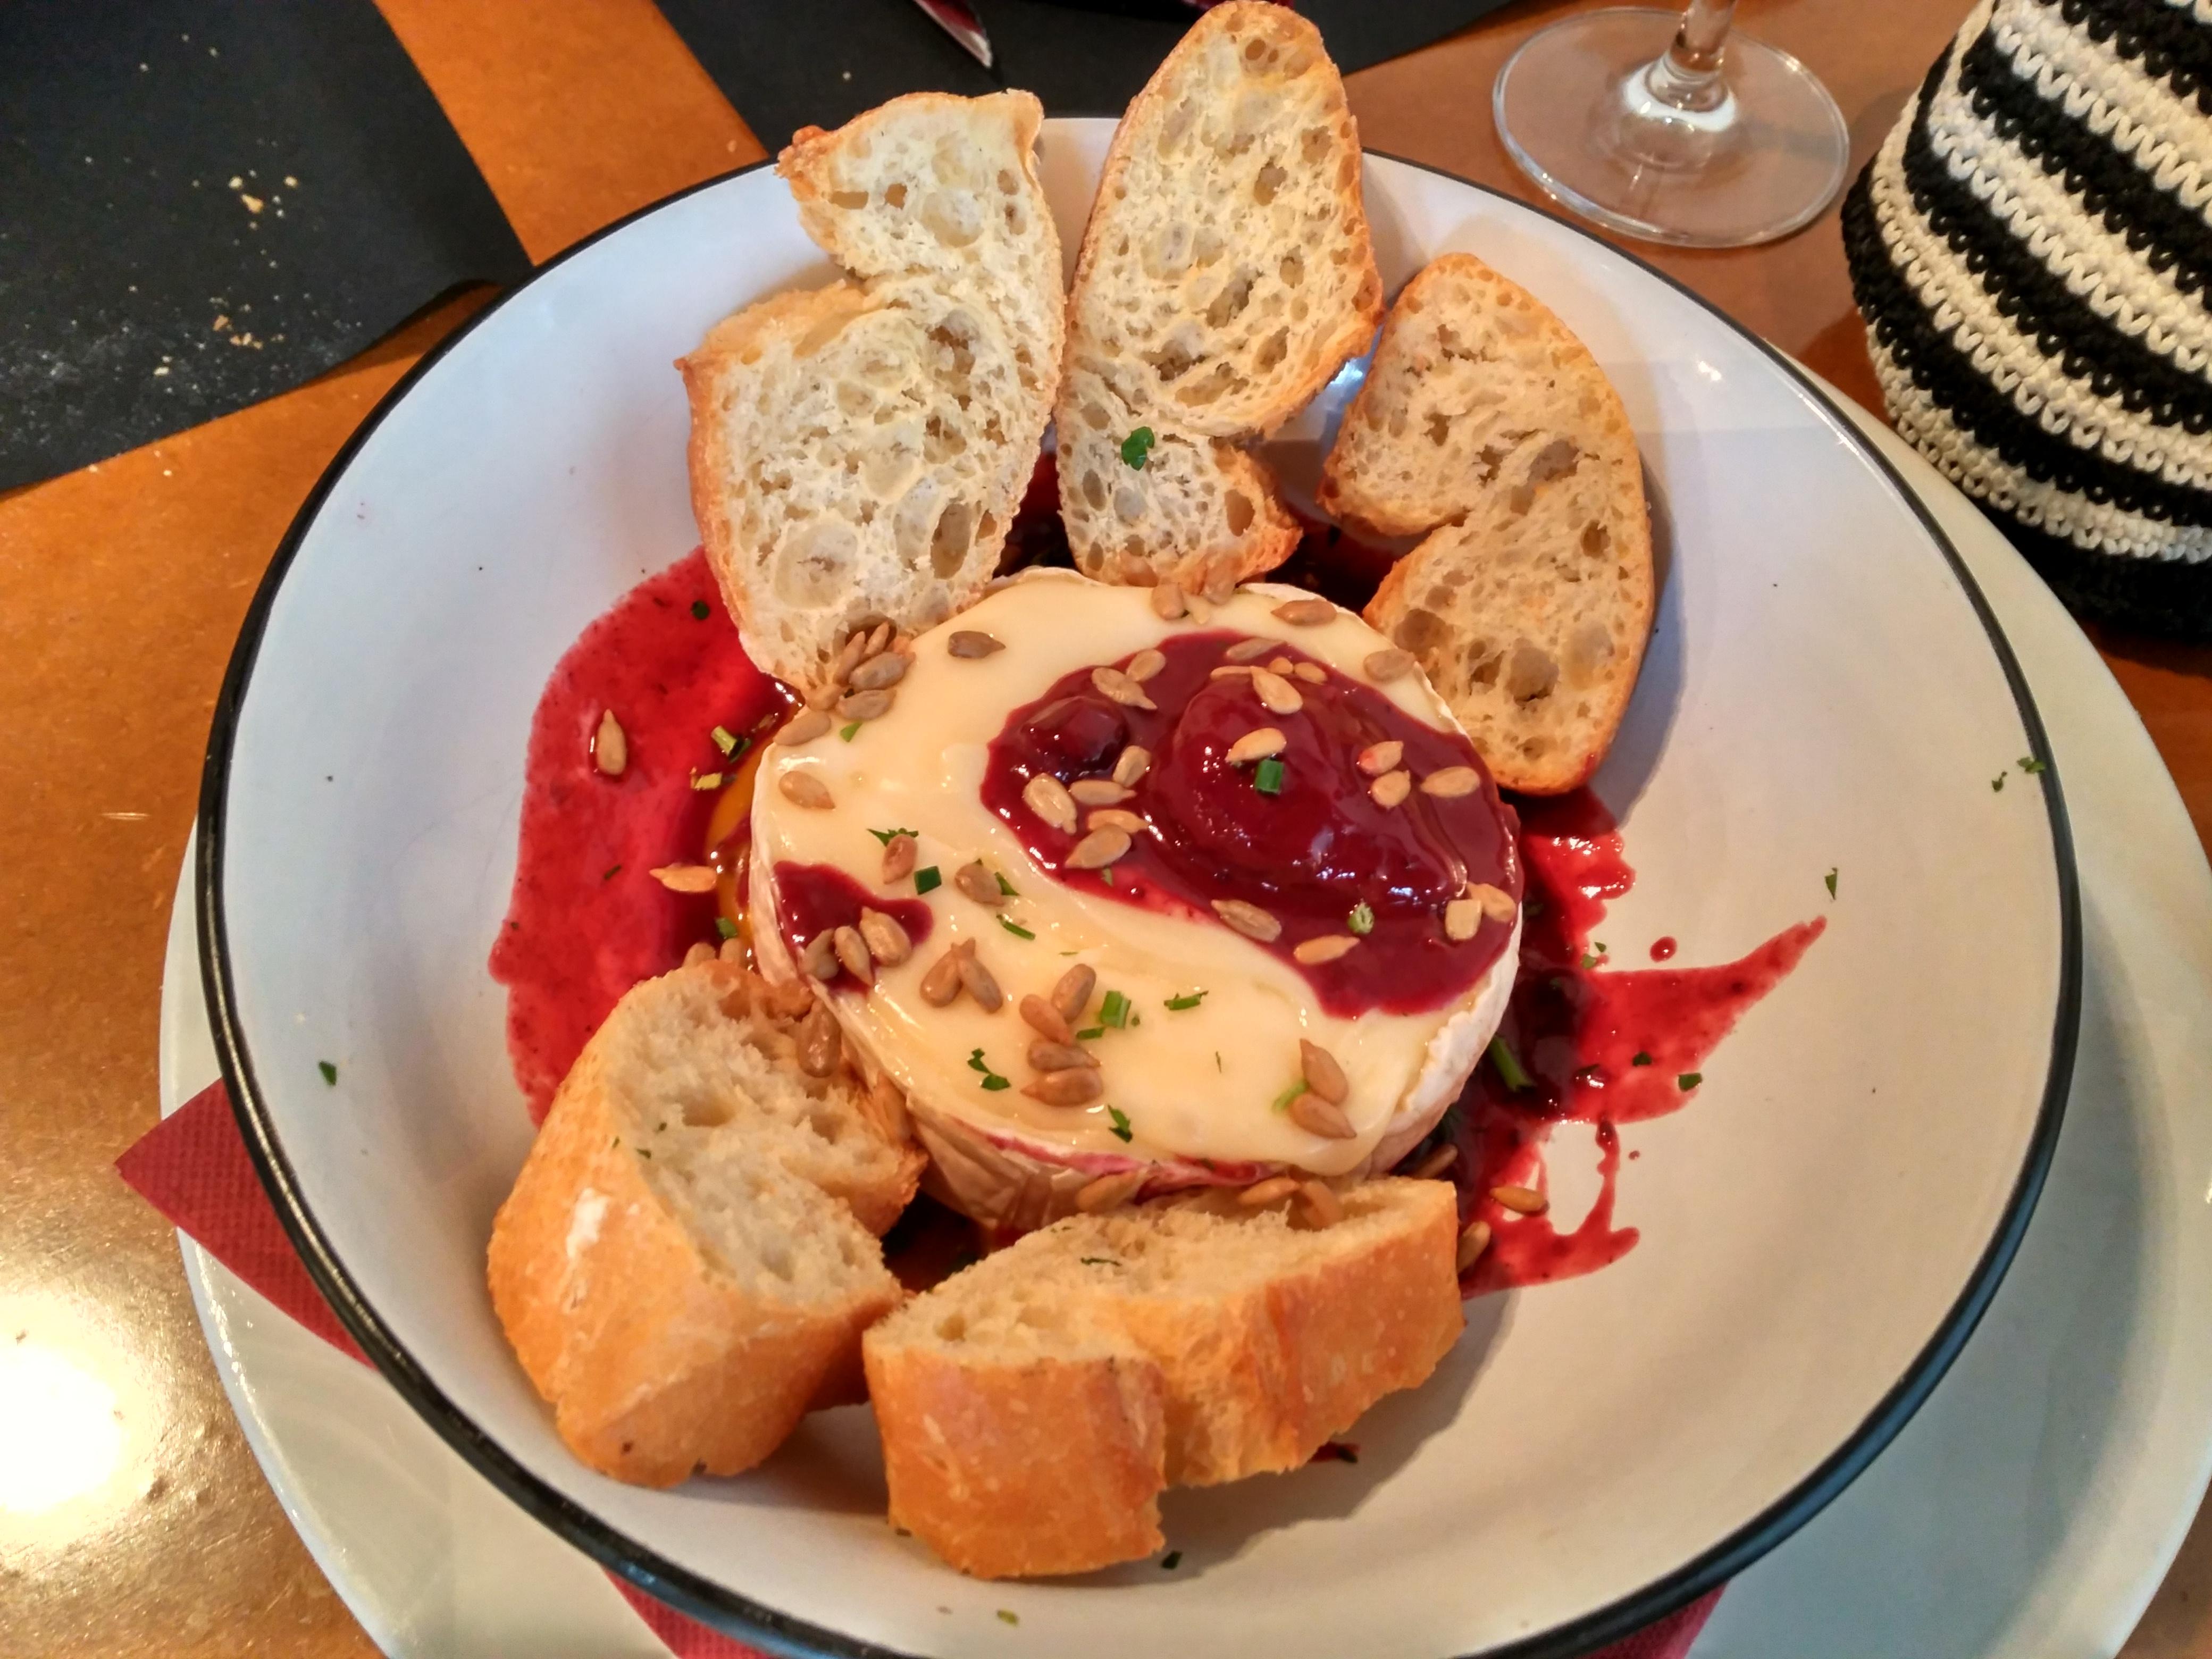 Queso camembert fundido con totas de pan y confitura de frutos rojos La Viña de San Francisco Bilbao